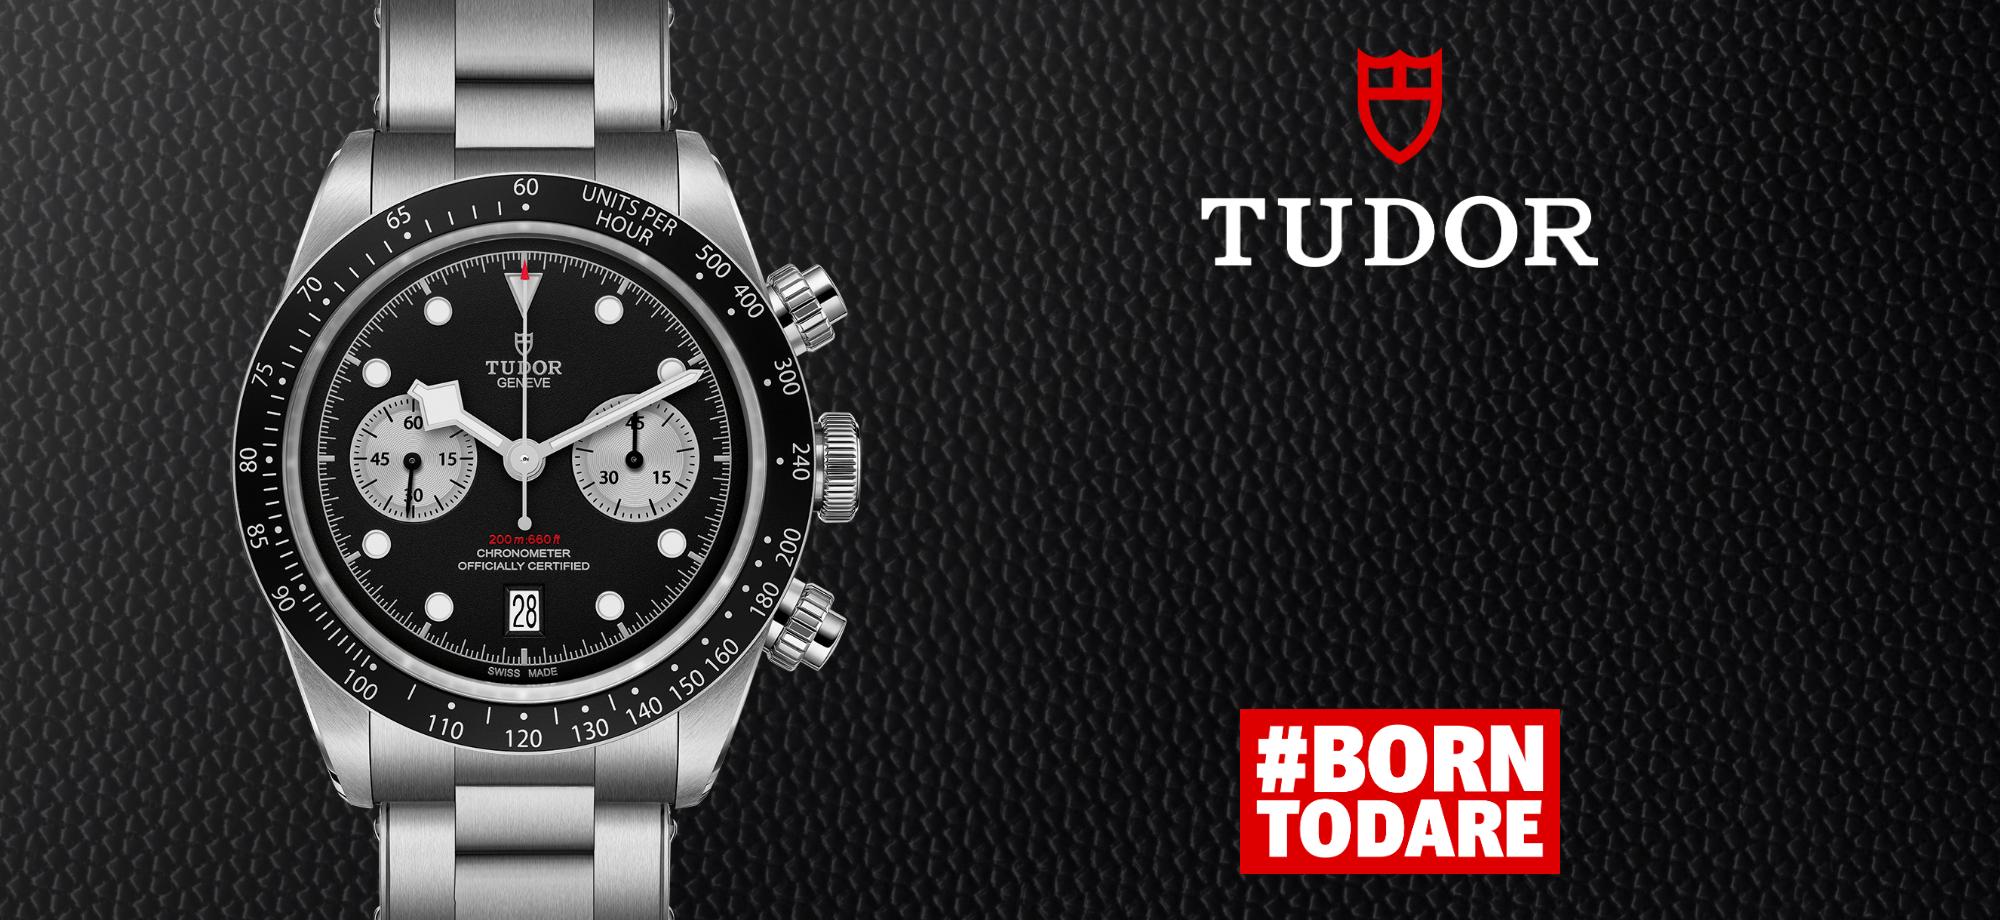 Tudor-banner 2000×920